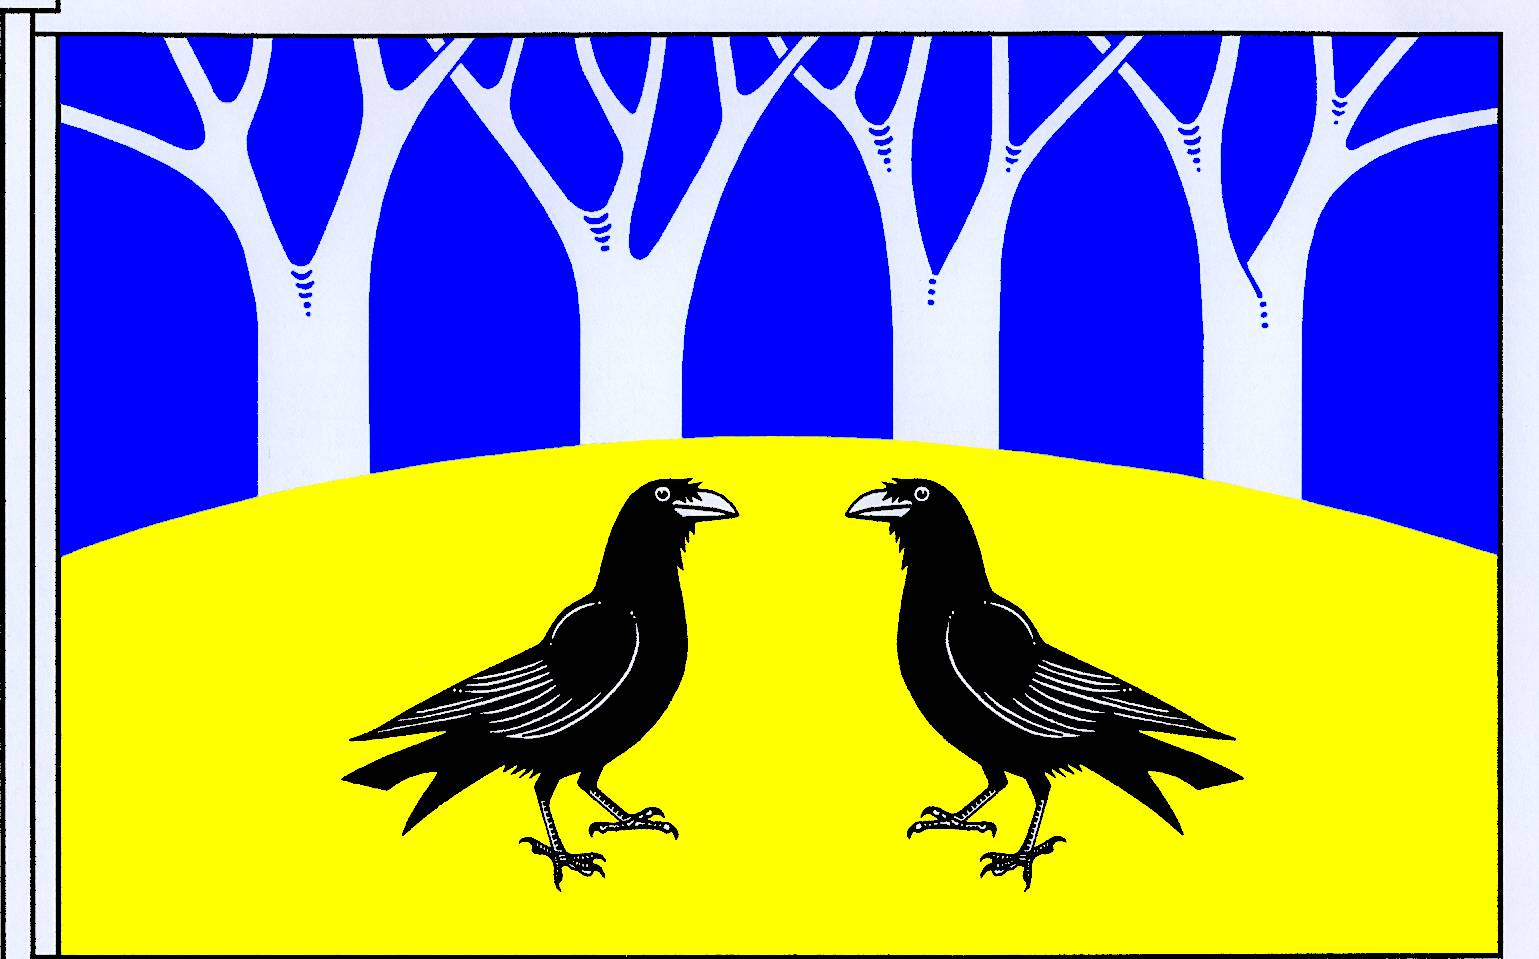 Flagge GemeindeRabenholz, Kreis Schleswig-Flensburg